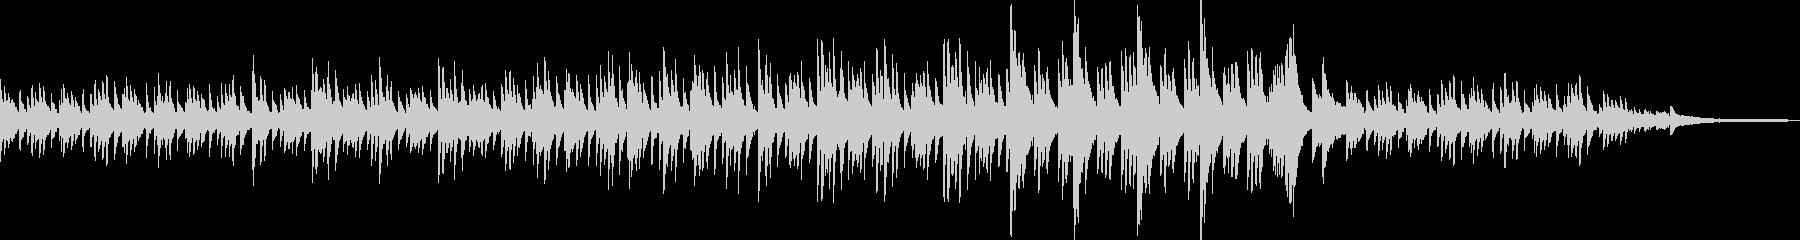 透明感のあるピアノソロBGM_02の未再生の波形